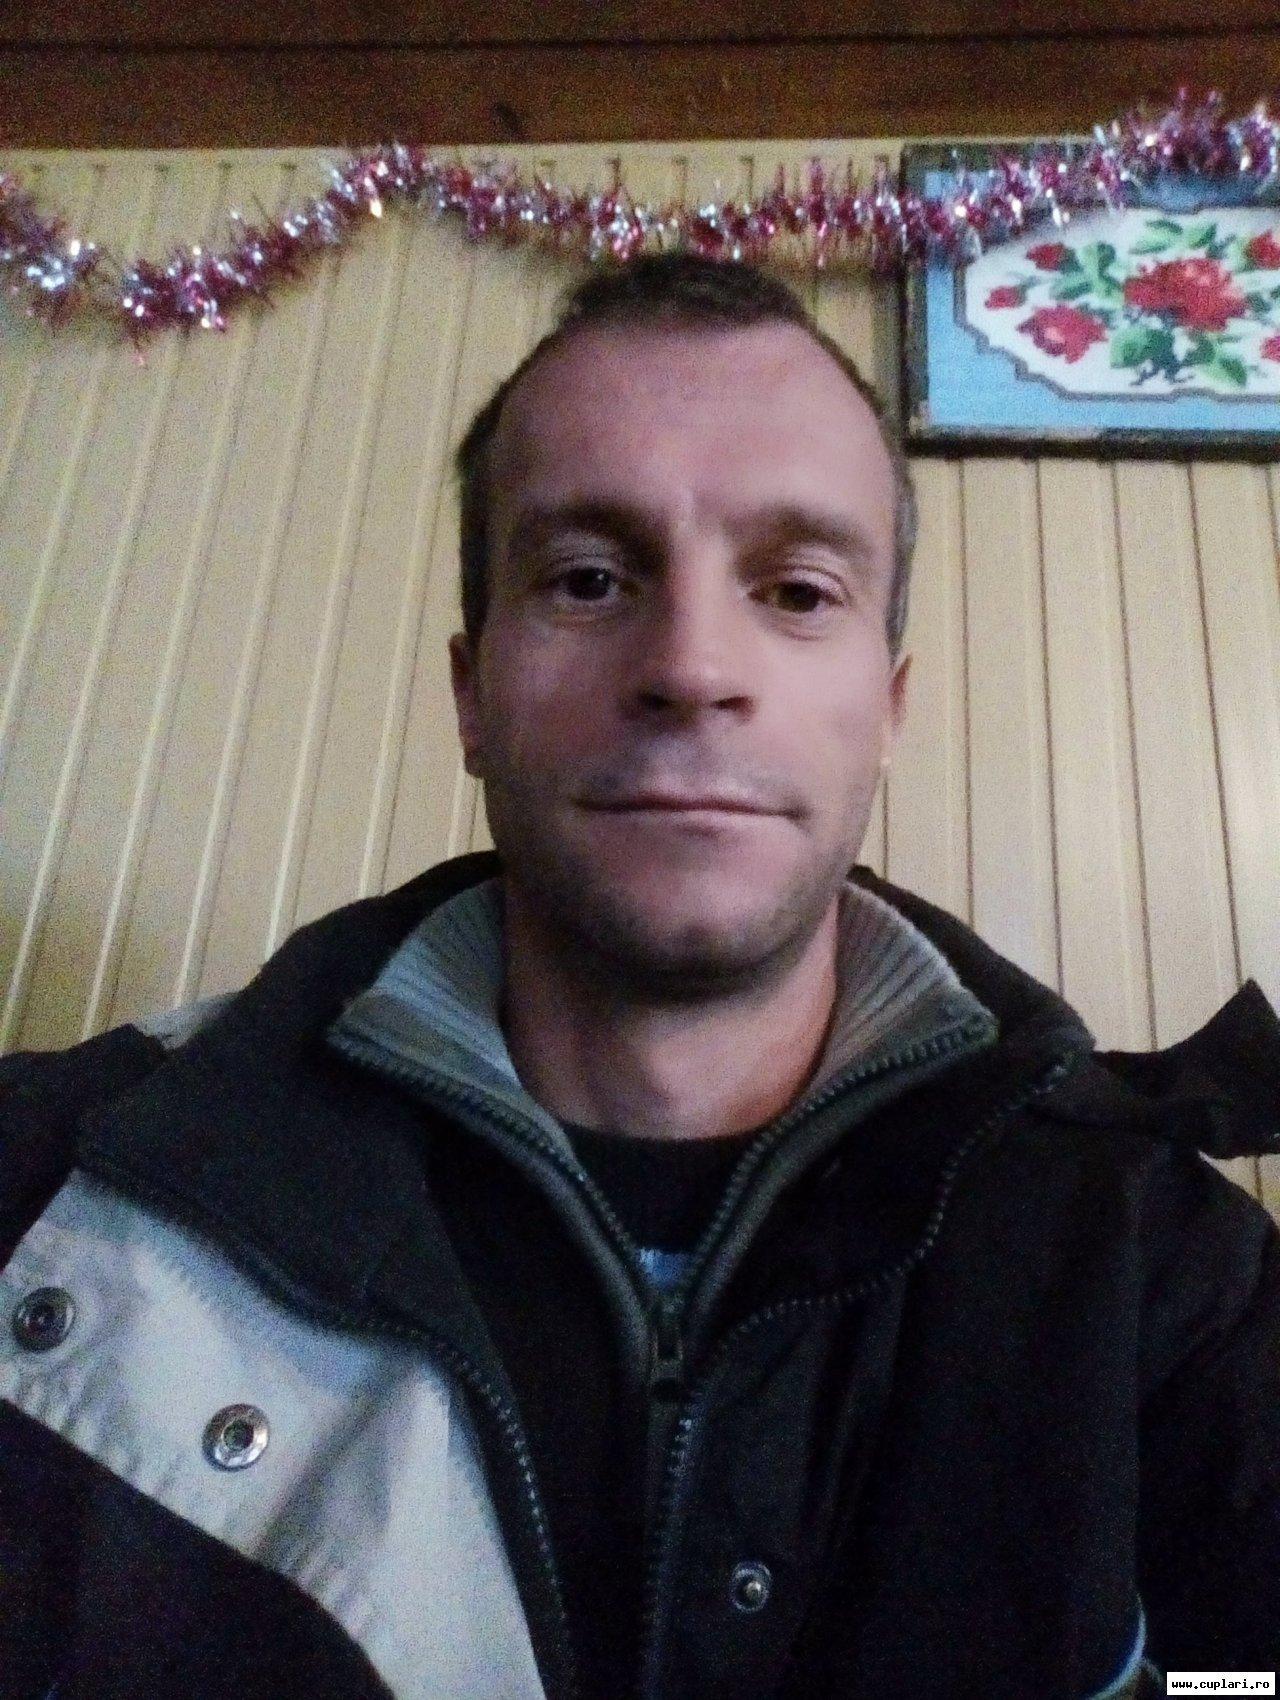 matrimoniale femei cauta barbati tutin un bărbat din Iași care cauta Femei divorțată din Sibiu